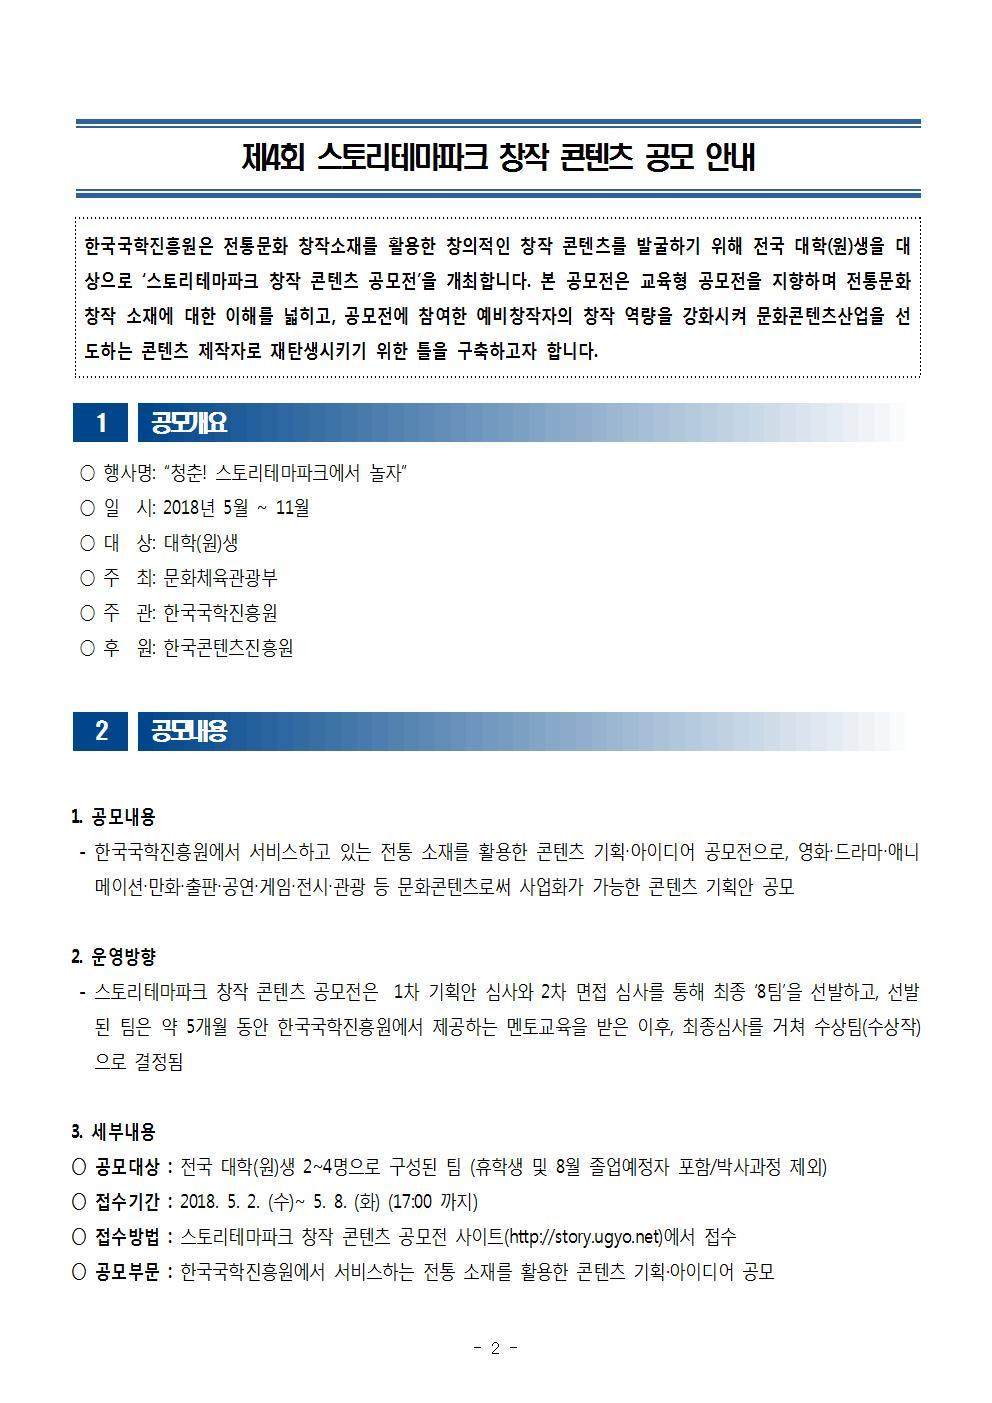 2018_스토리테마파크 공모전(공모요강)002